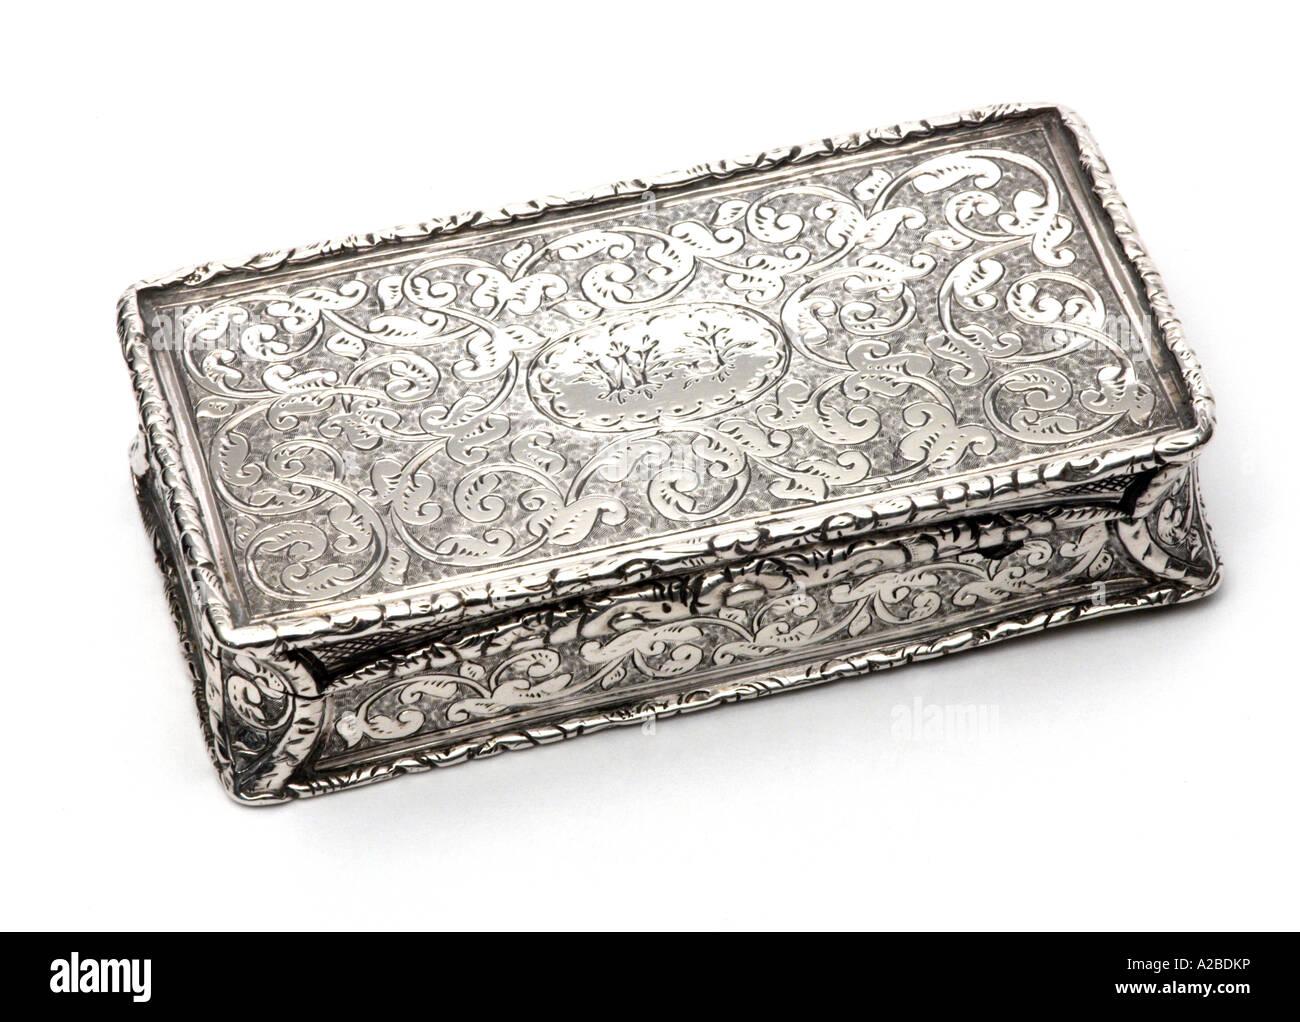 Silver Snuff Box  1834 - Stock Image